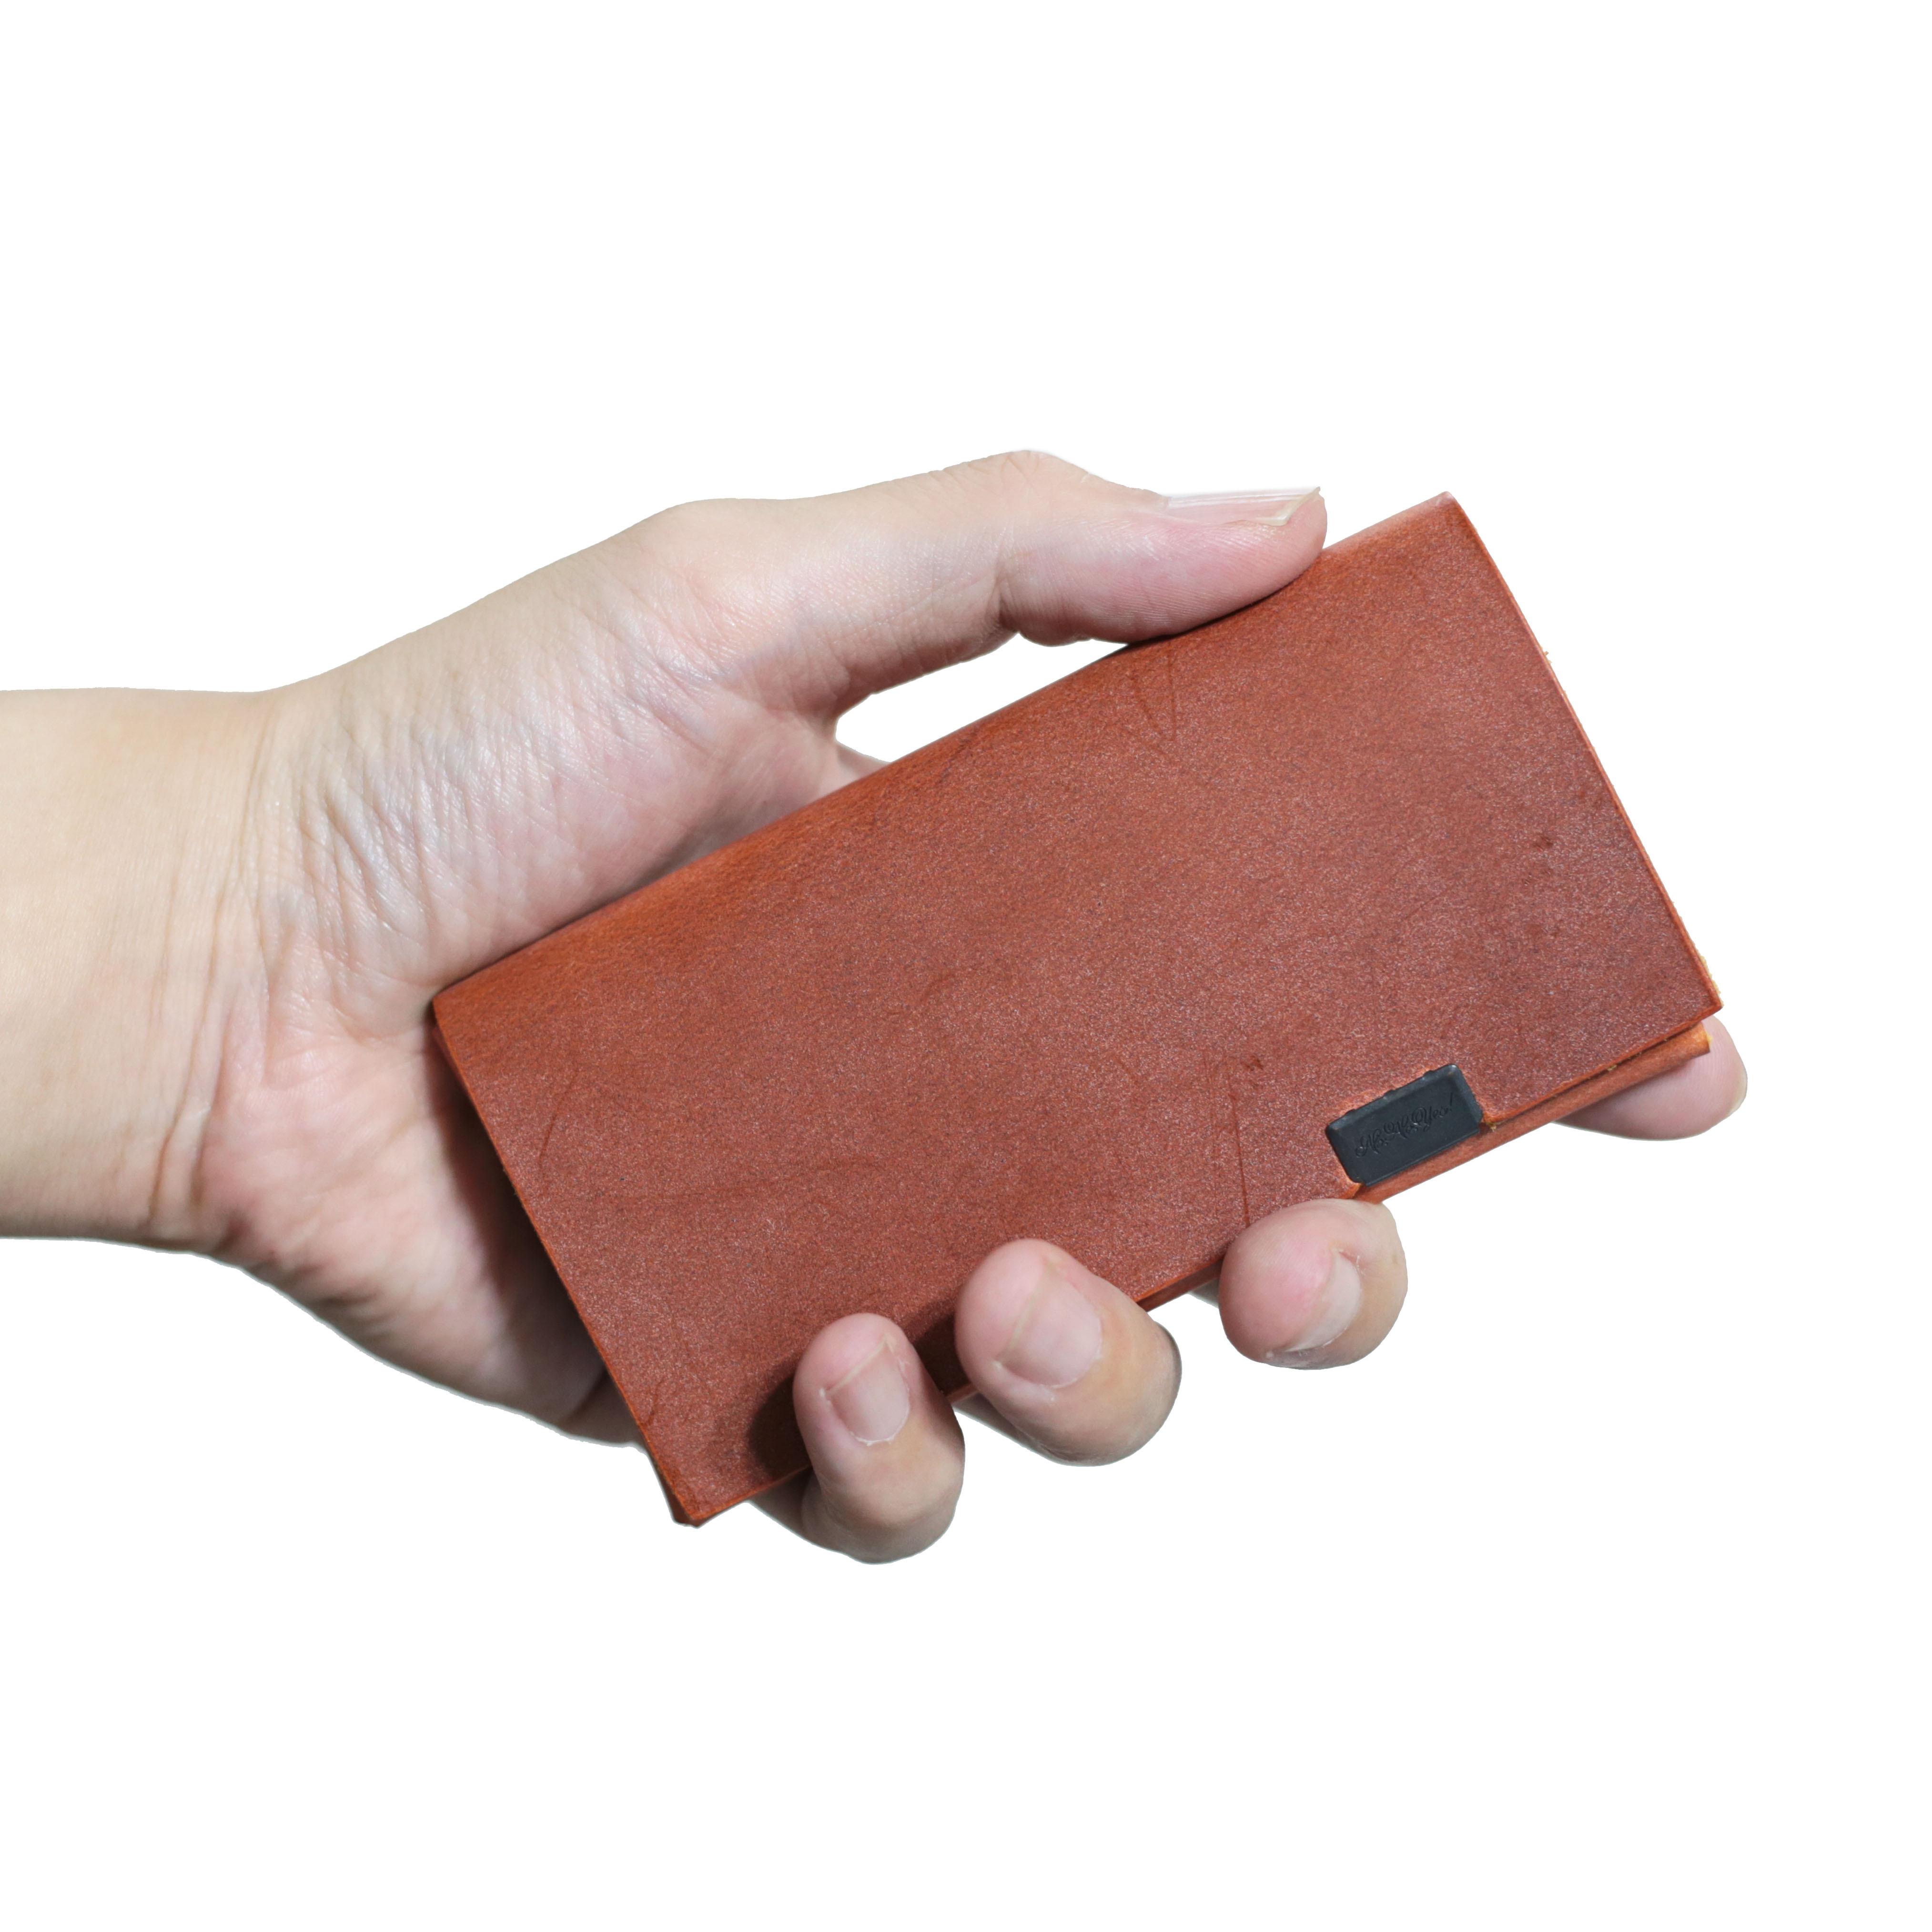 姫路ブライドル  -カードケース-  キャメル